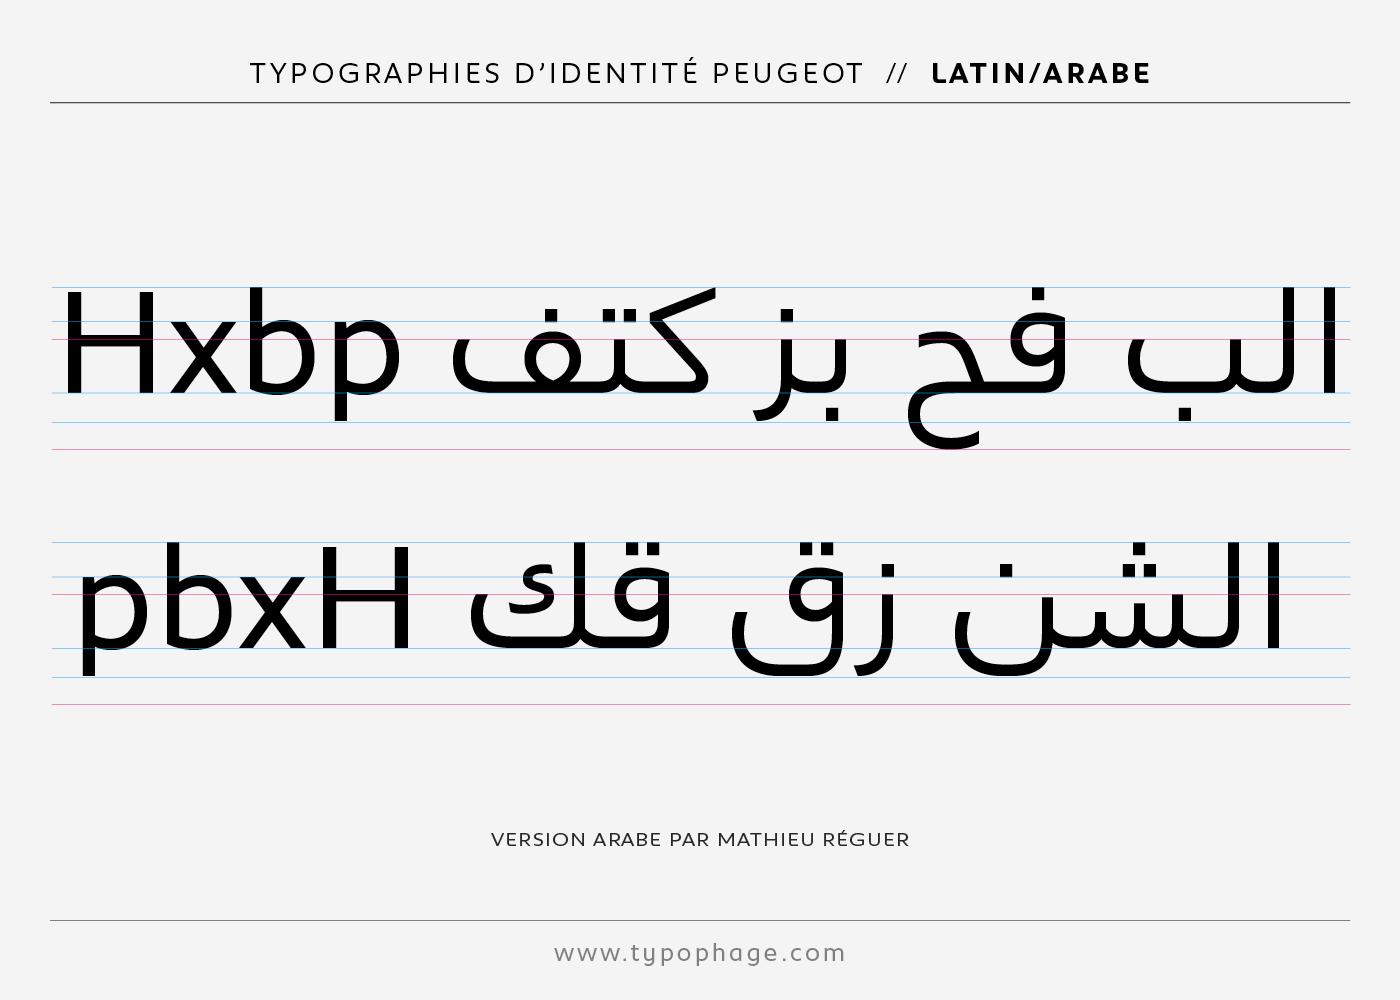 Typographies d'identité Peugeot. Spécimen de caractères versions arabes.